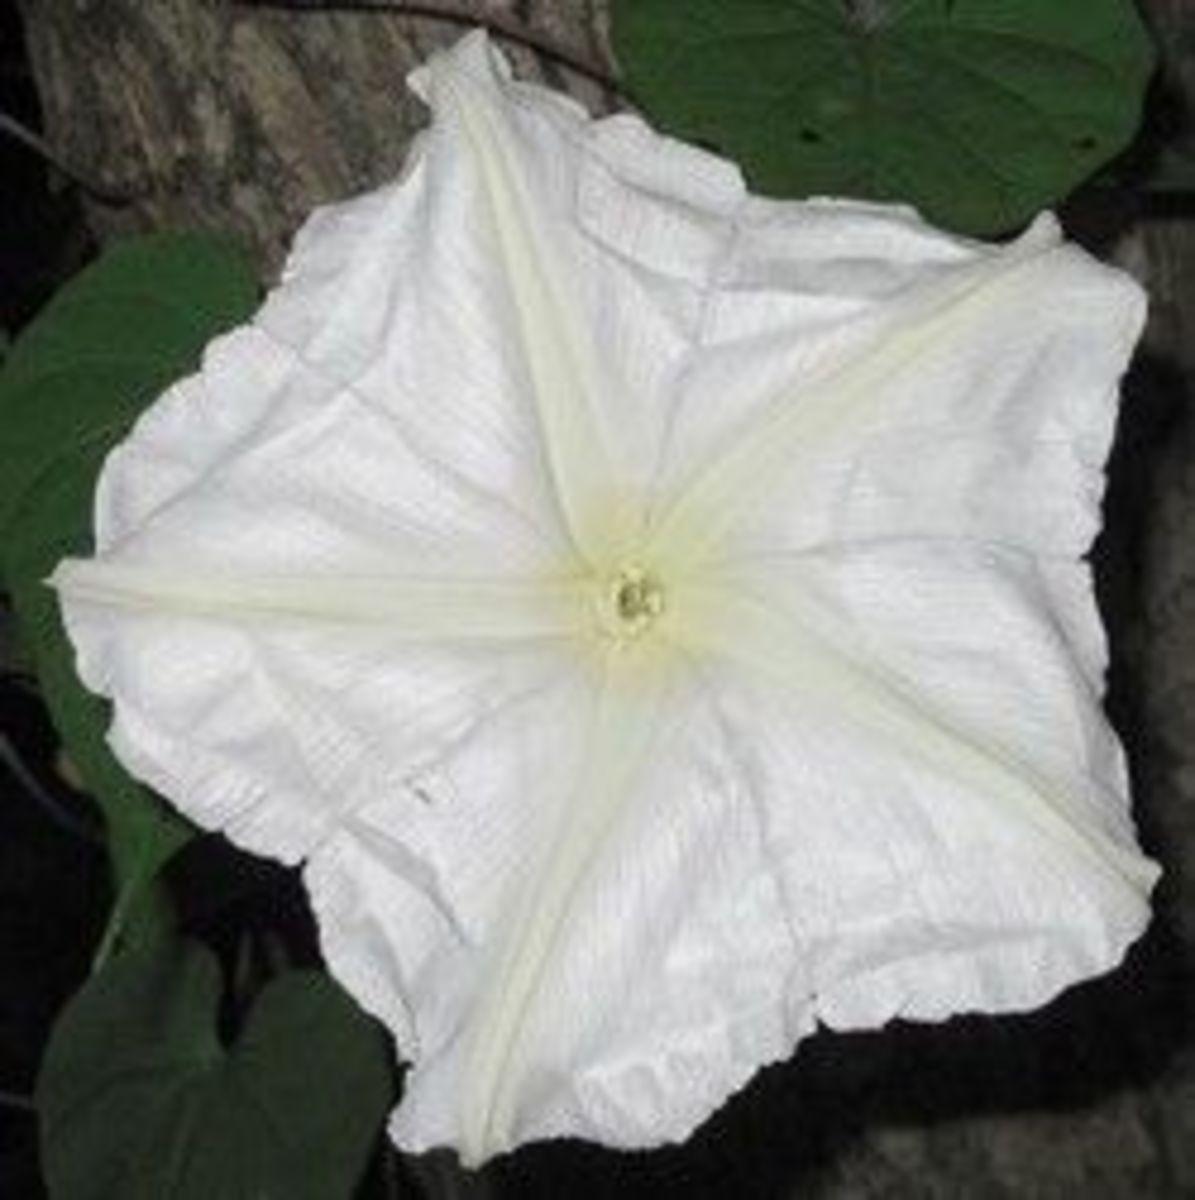 Moonflowers: Night-Blooming Plants